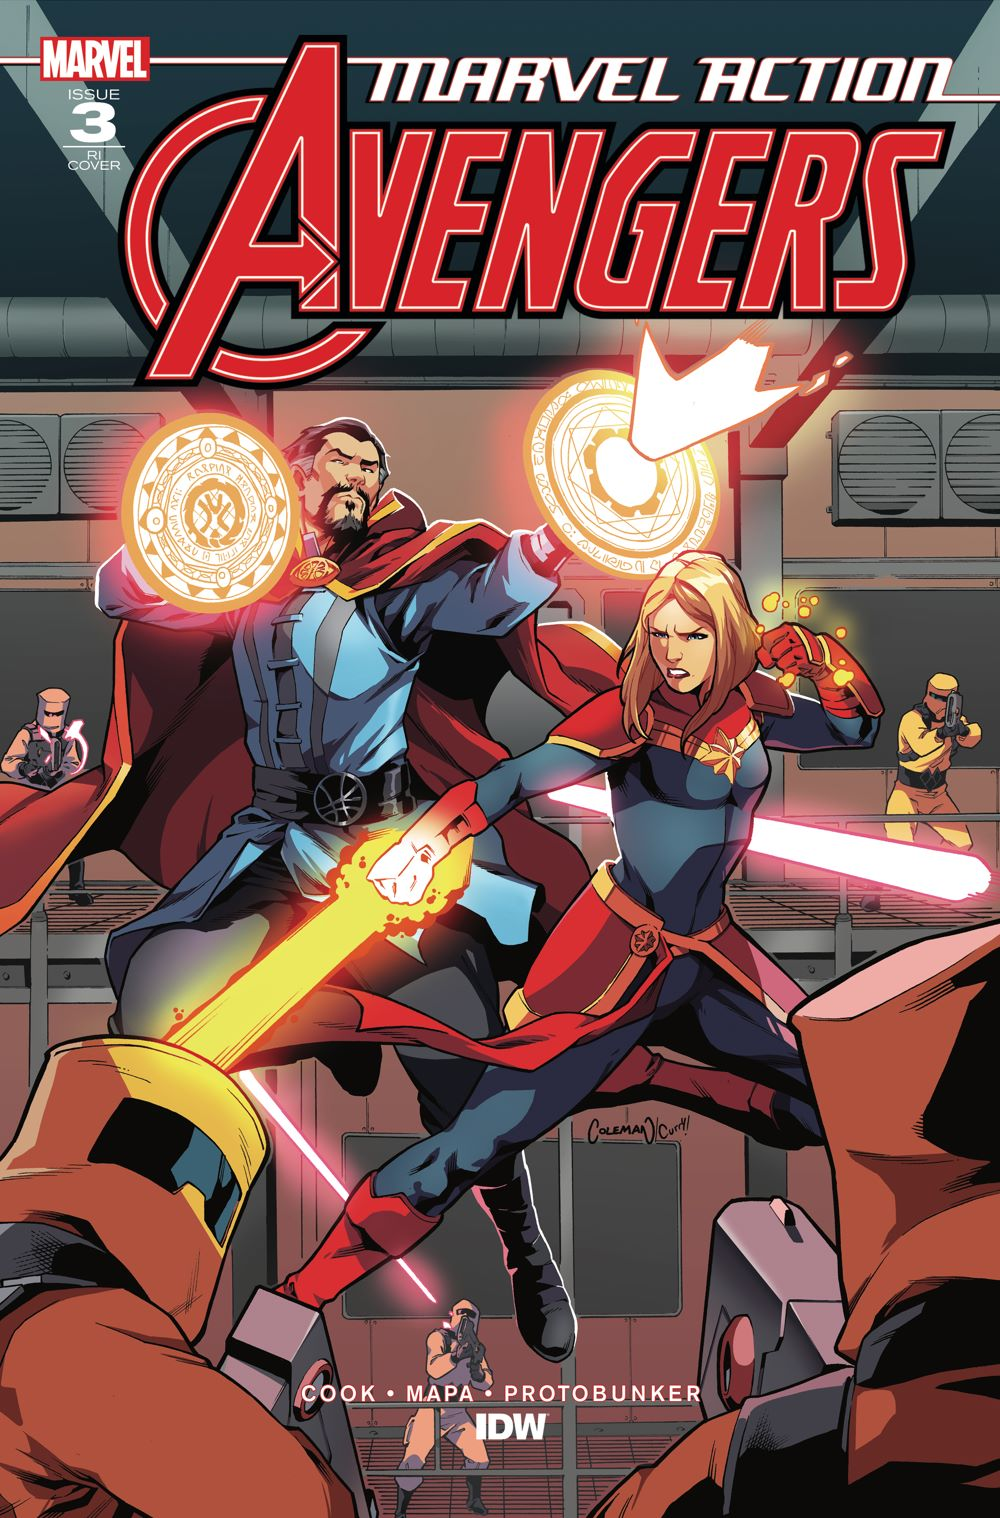 Marvel_Avengers03_coverRI ComicList Previews: MARVEL ACTION AVENGERS VOLUME 2 #3